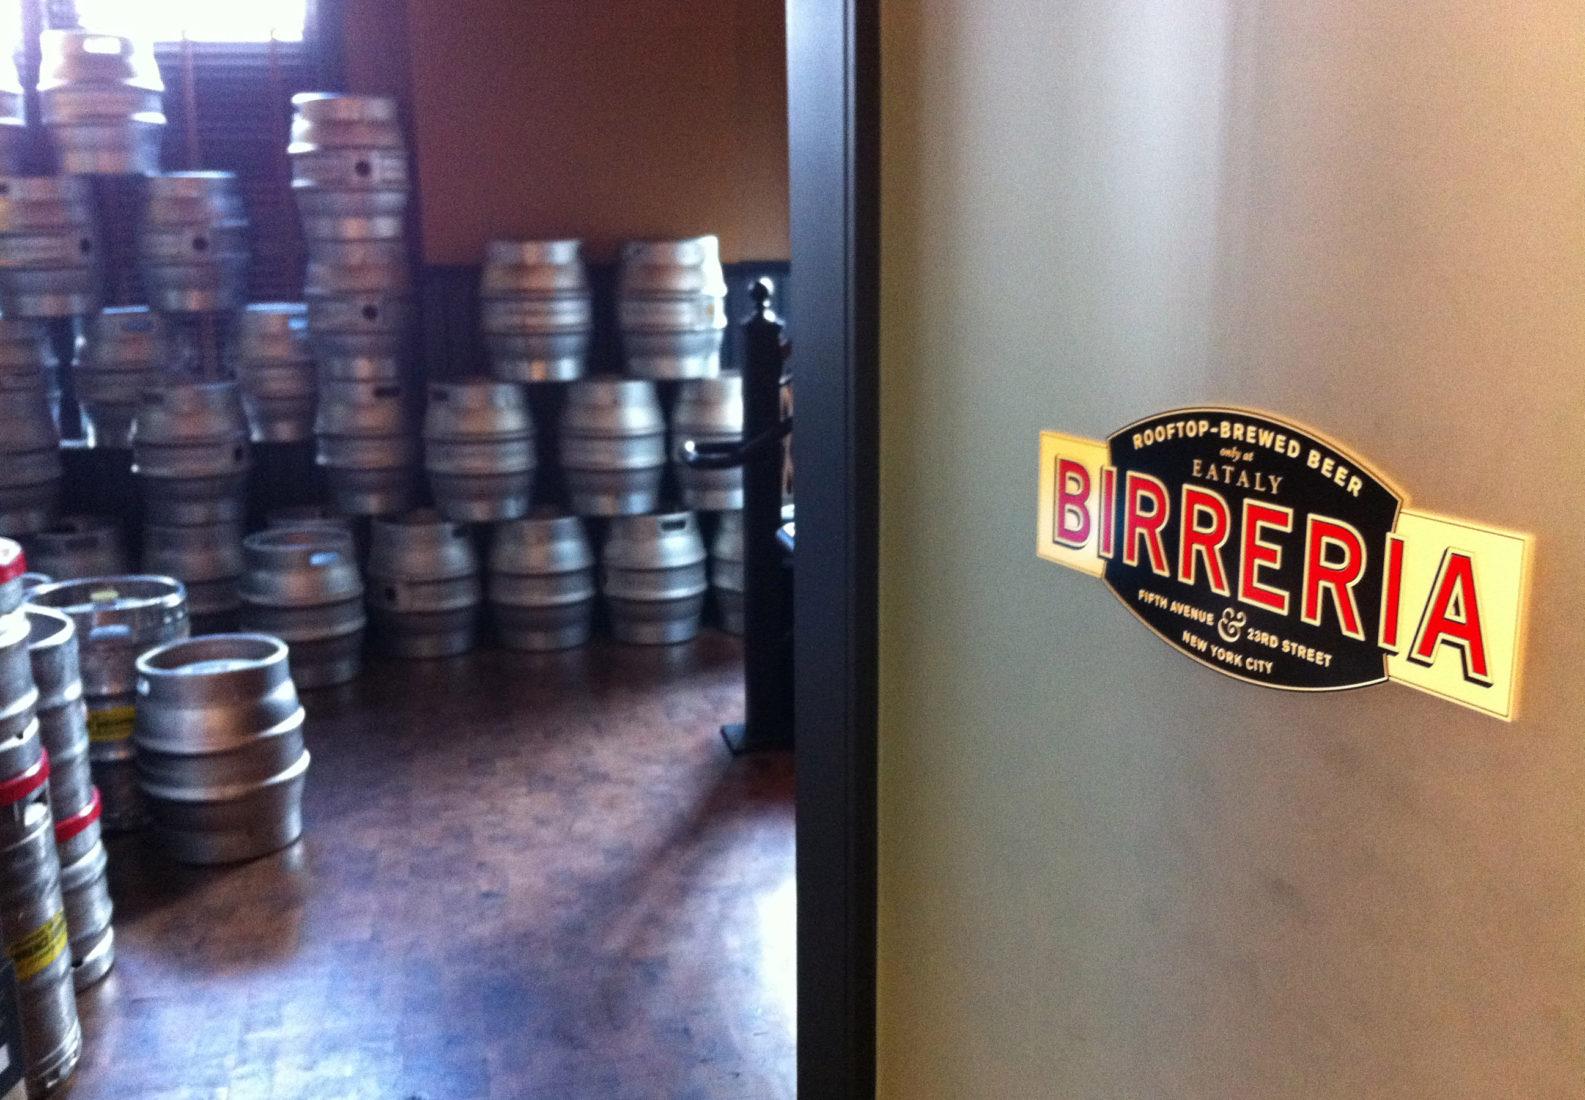 Birreria Brewery, New York, NY